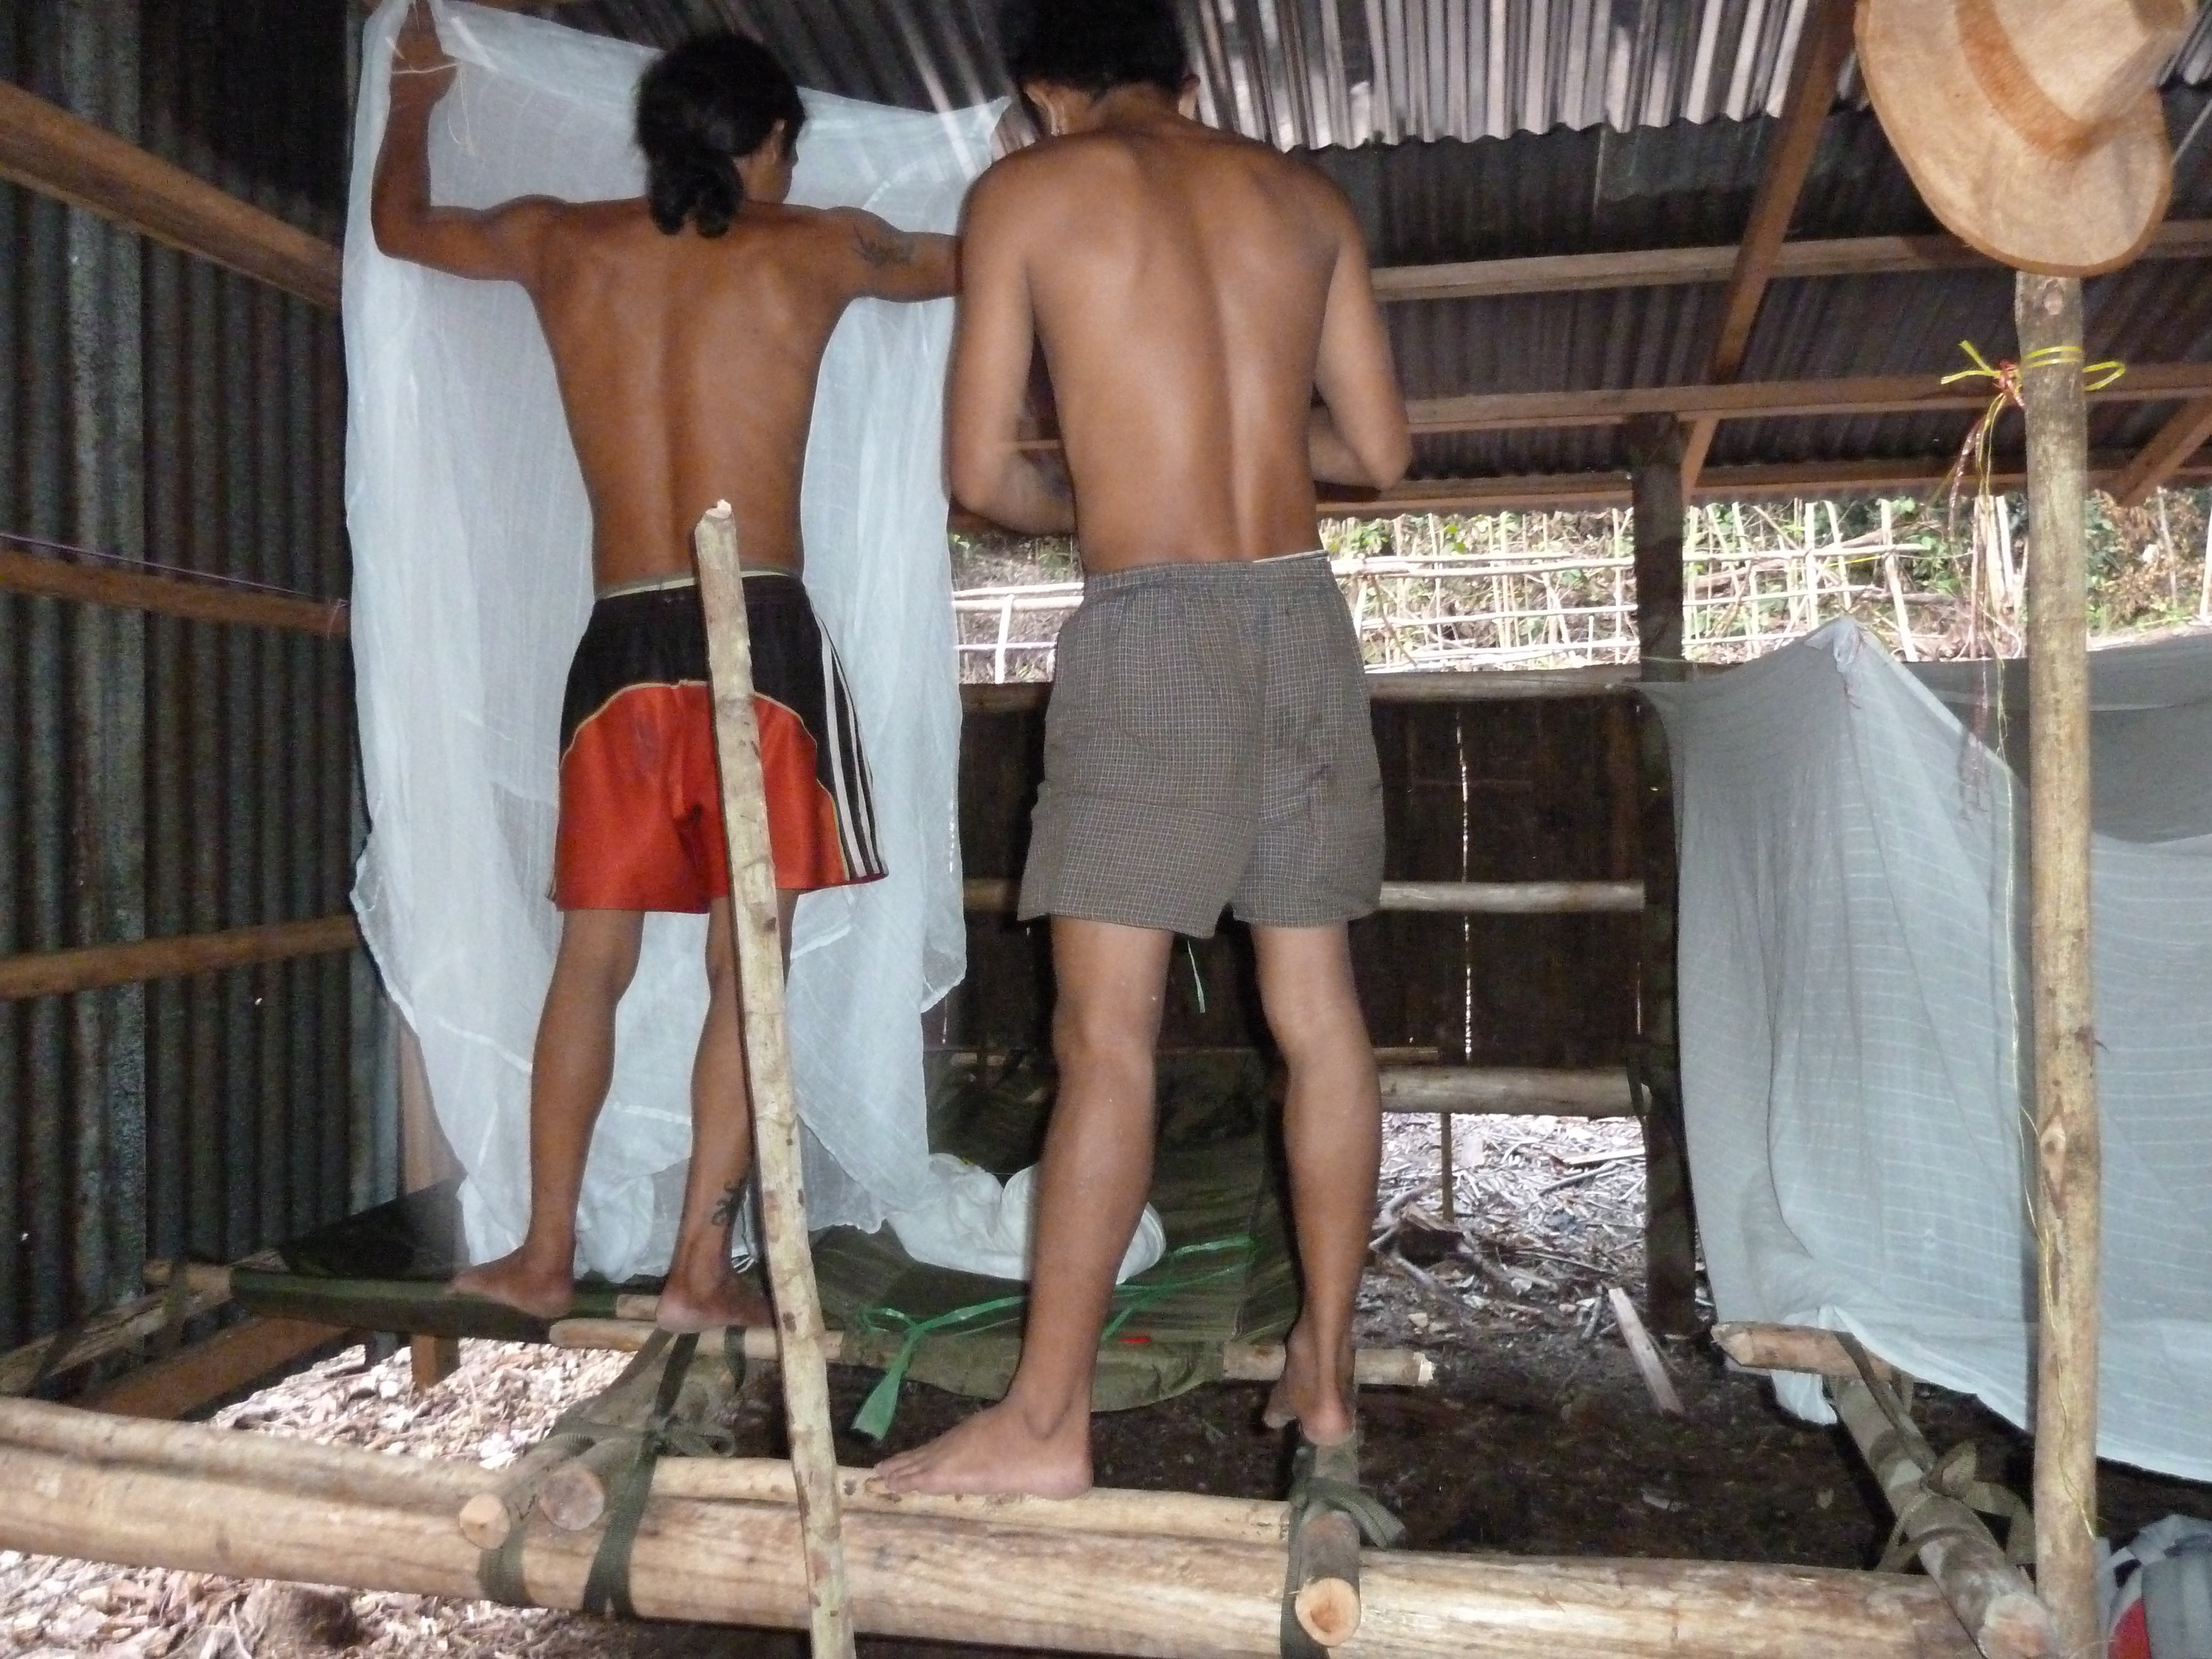 Hangmatten klaarmaken voor de nacht